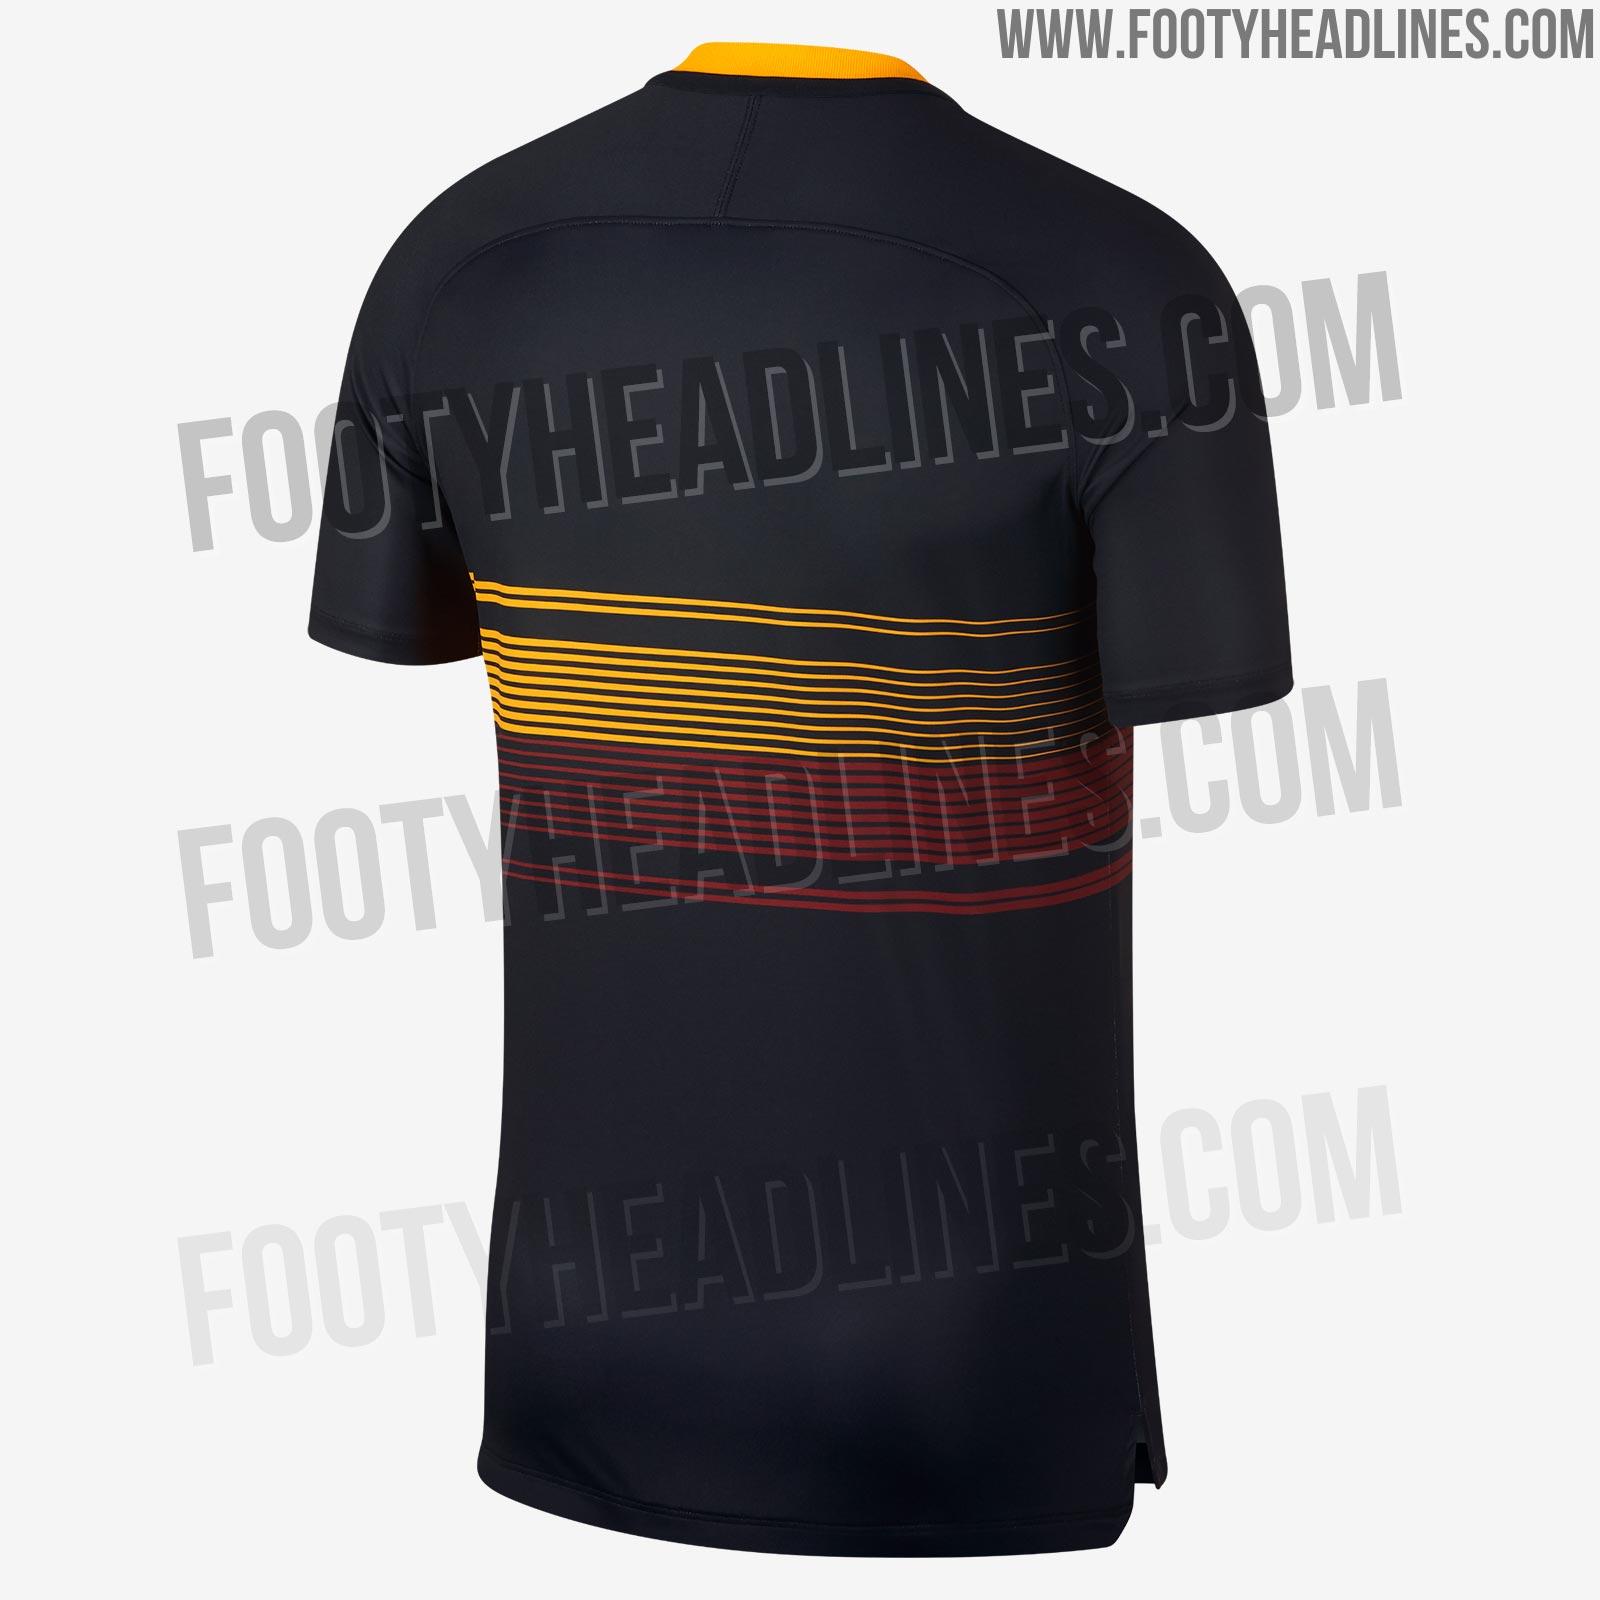 https://1.bp.blogspot.com/-BNNk0TrkA9c/WmxXf4CuPHI/AAAAAAABaMI/uRx0GGEShXk6kTtJnFNxSTuhj_5UP_OiQCLcBGAs/s1600/nike-as-roma-18-19-pre-match-shirt-2.jpg